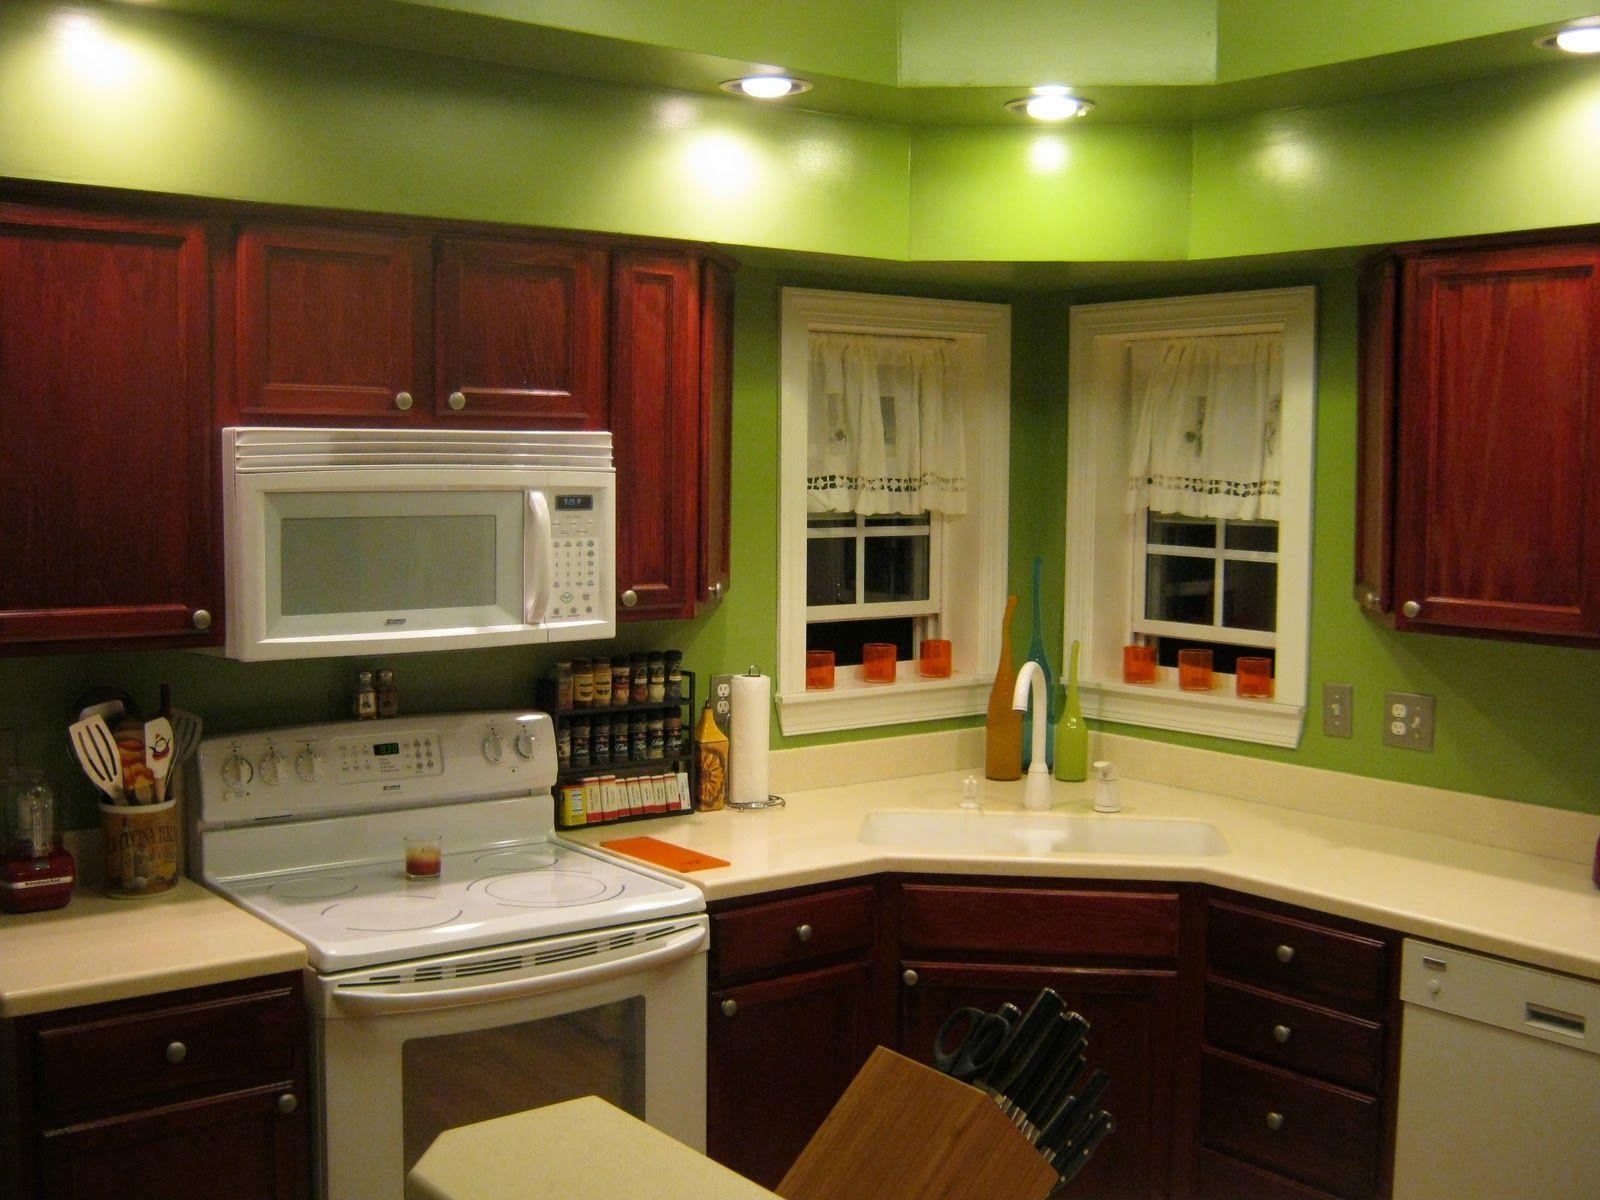 Küchendesign und farbe latest kitchen furniture design  coffee kitchen decor  pinterest